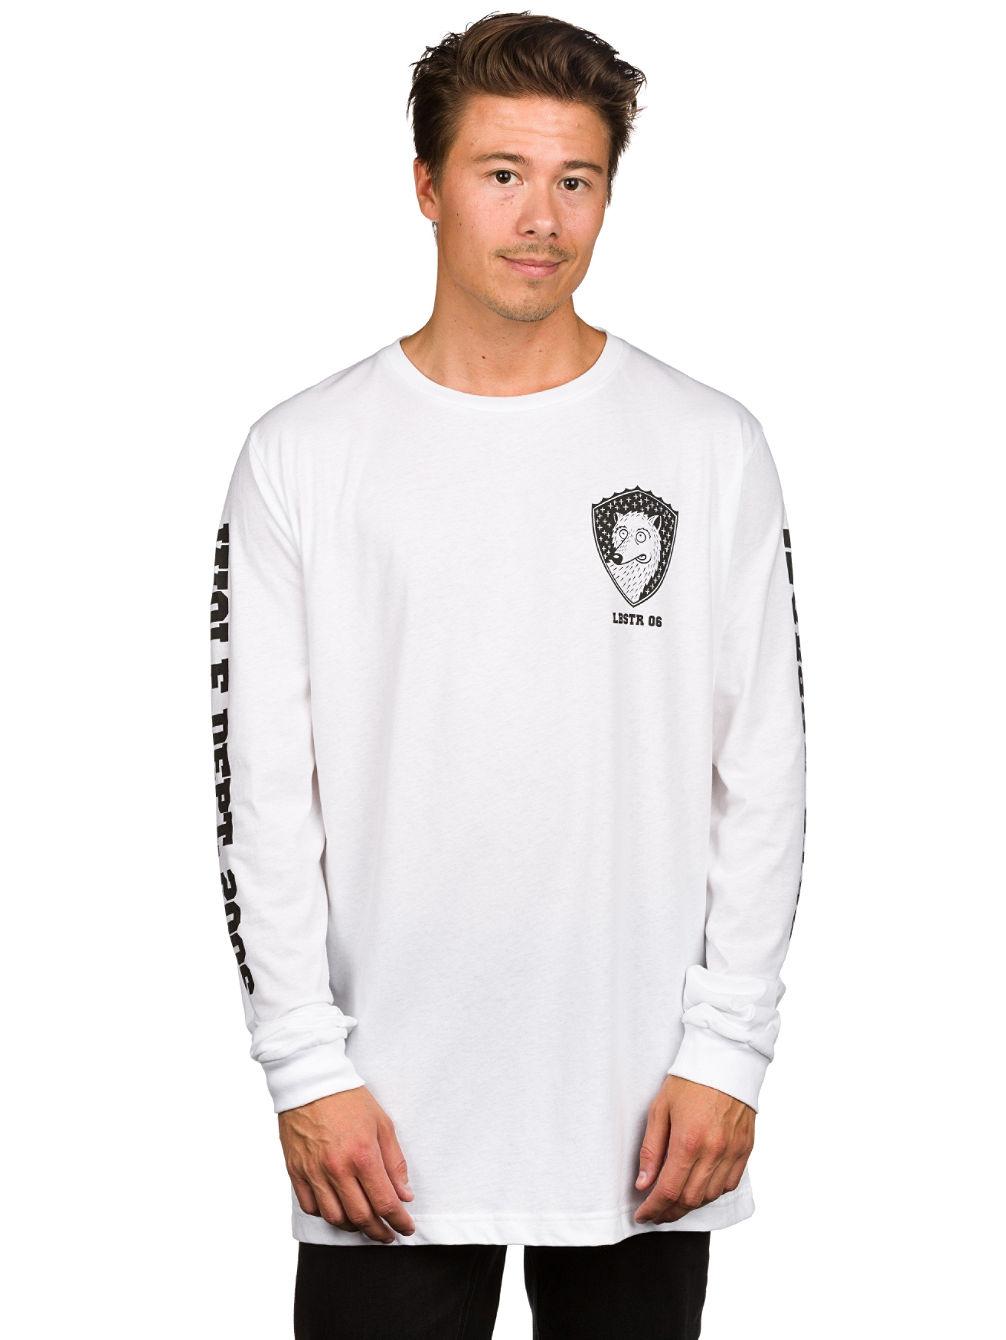 lbstr-apparel-department-t-shirt-ls